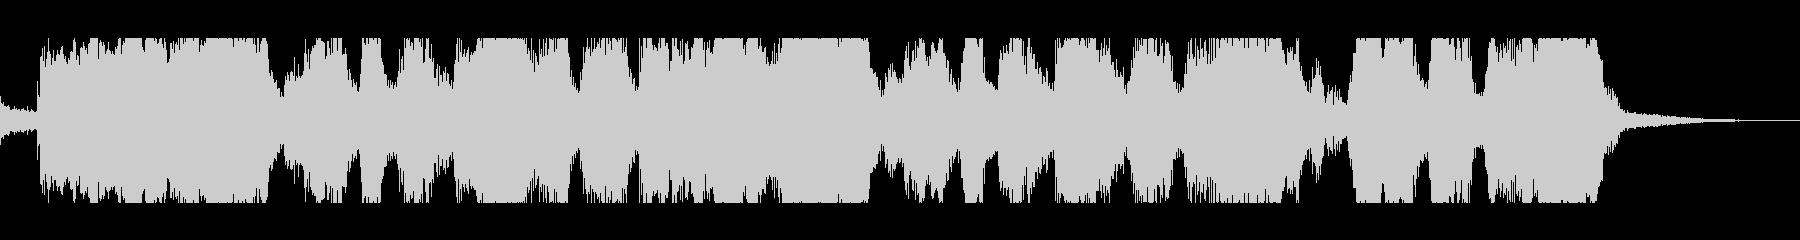 テンポのいいスカポップロックの未再生の波形